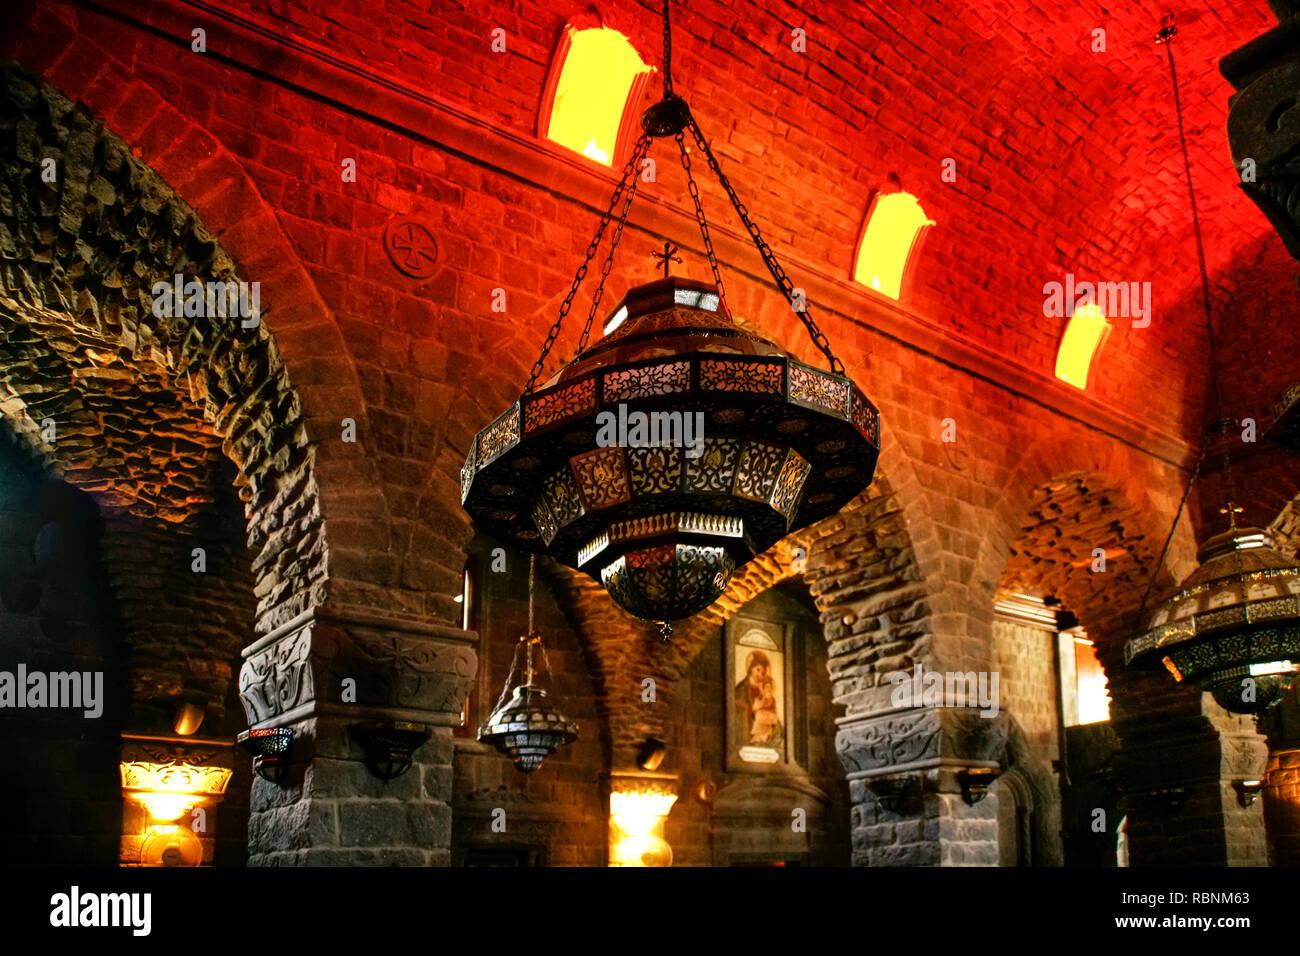 Eglise de Notre Dame de la ceinture Syrienne de la Vierge. Homs. Syria, Middle East - Stock Image